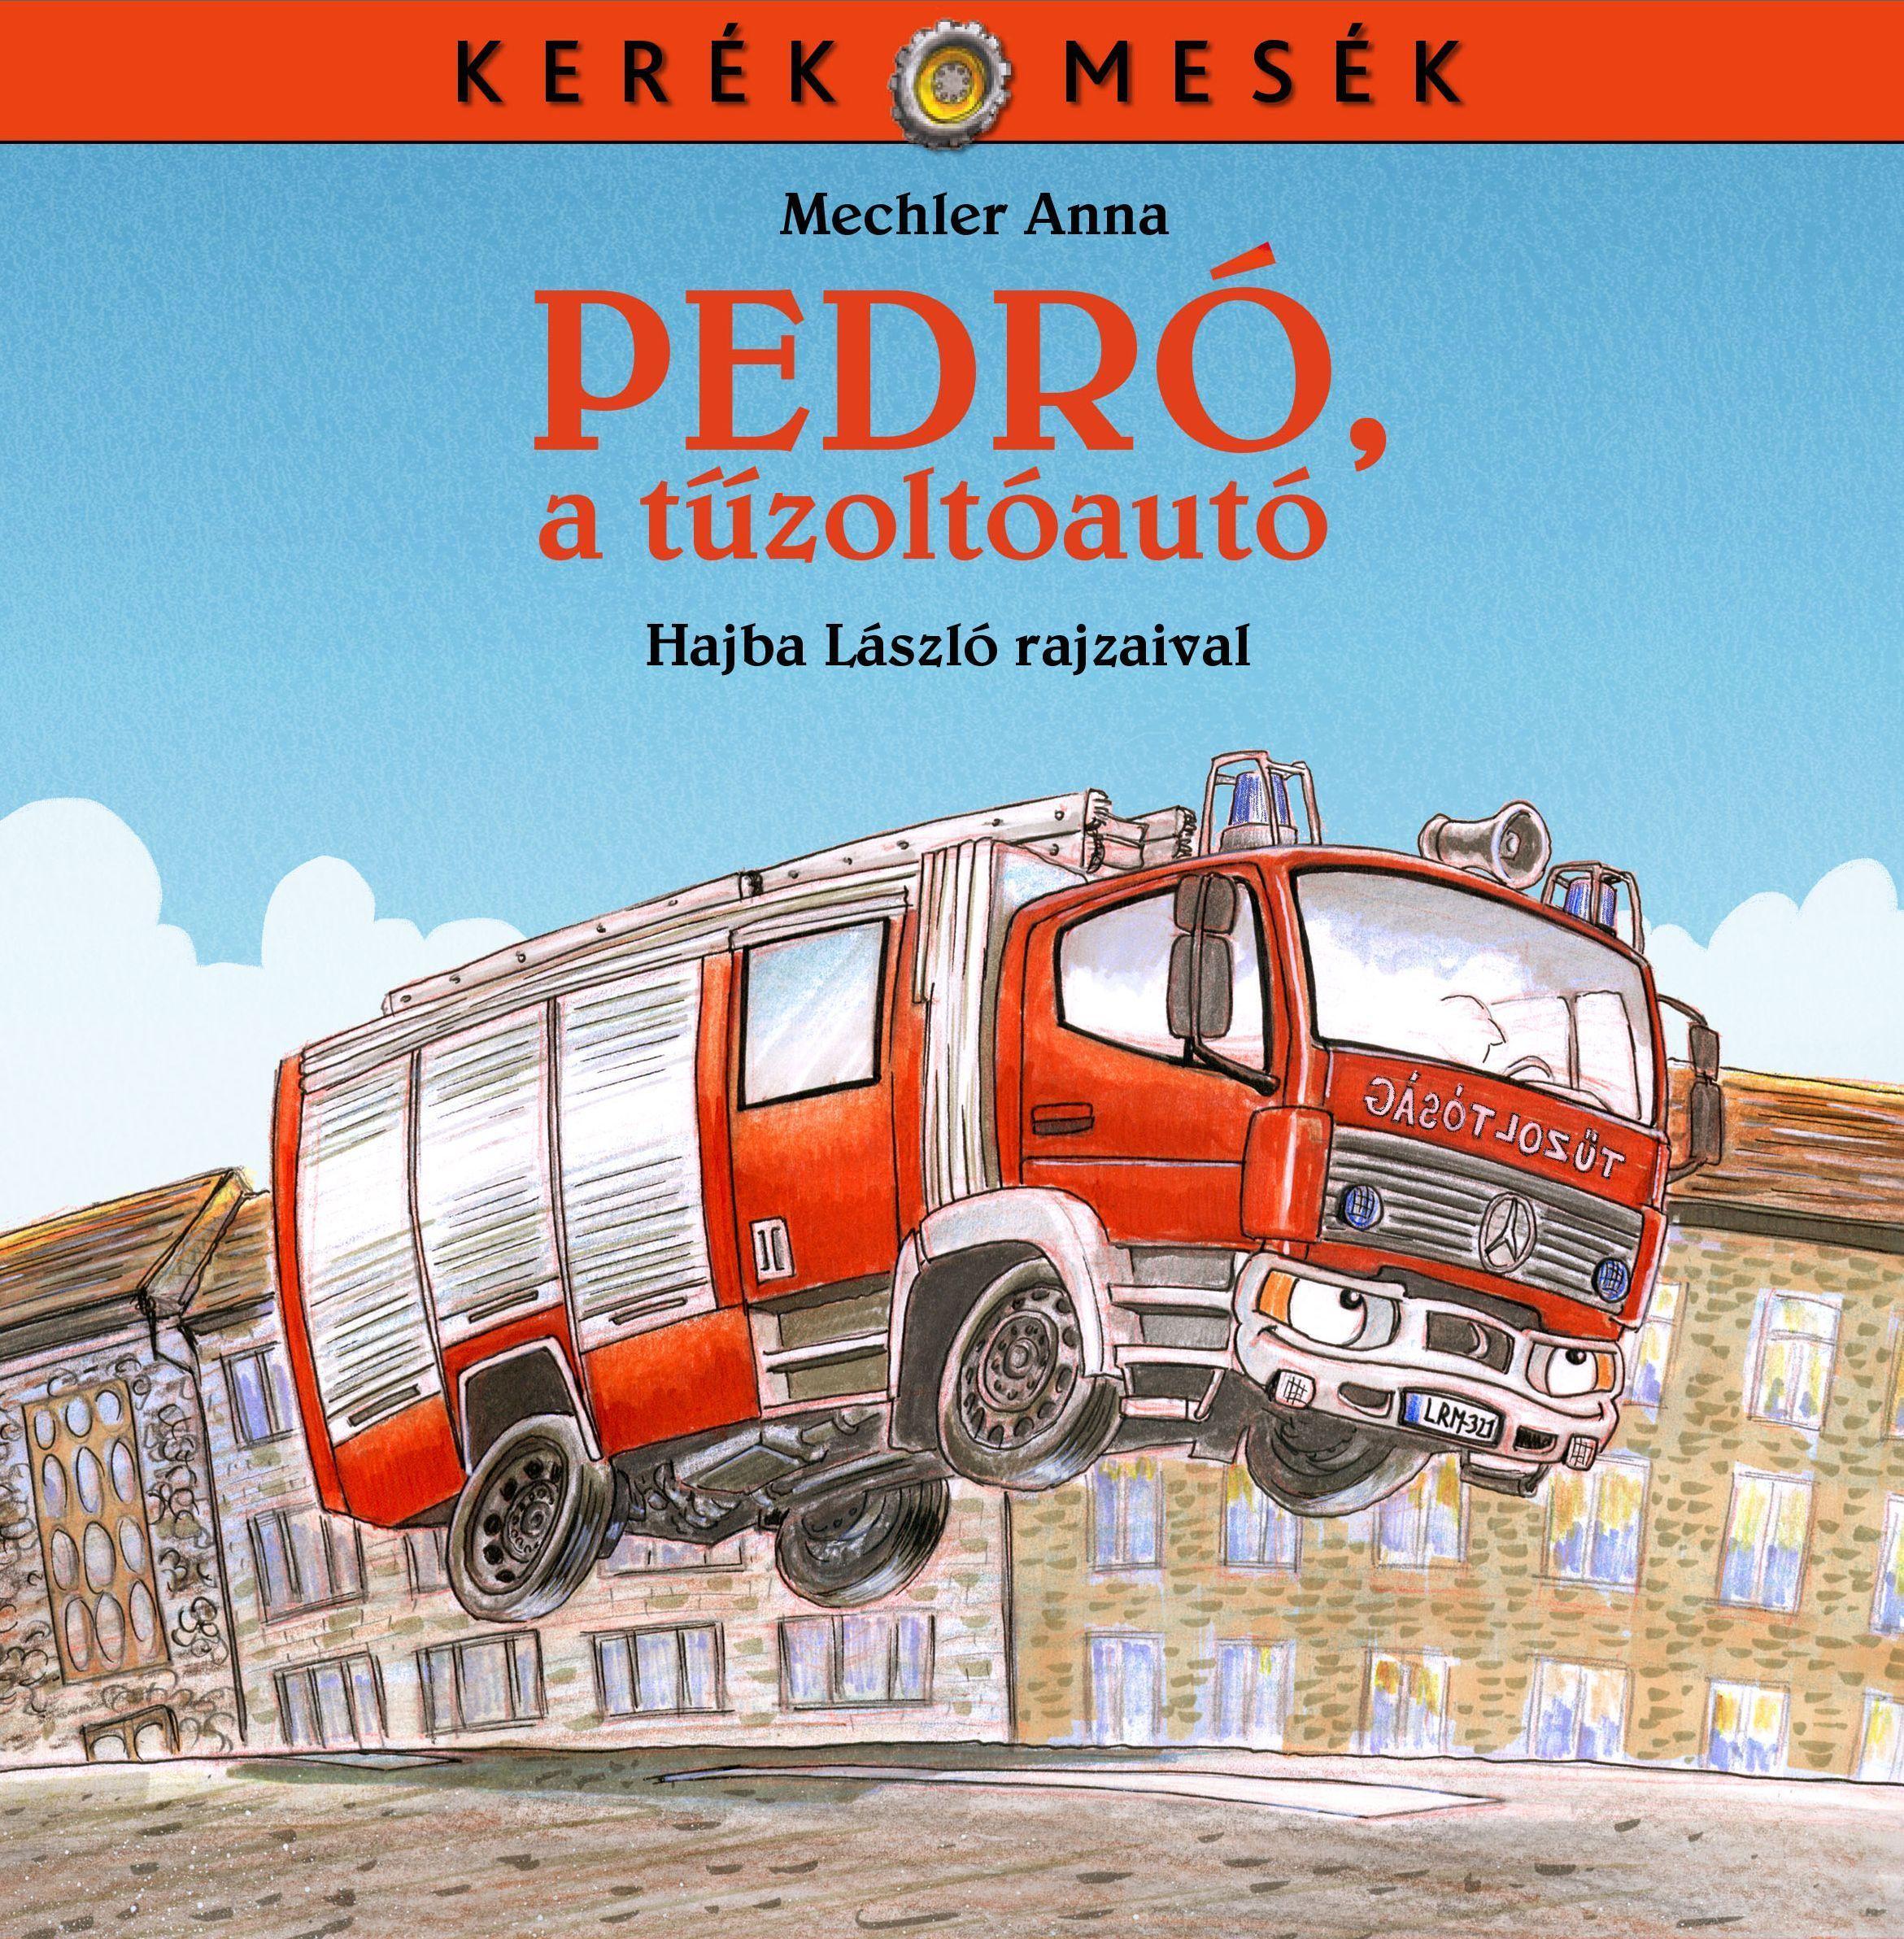 Mechler Anna - Pedró, a tűzoltóautó - Kerék mesék 2.